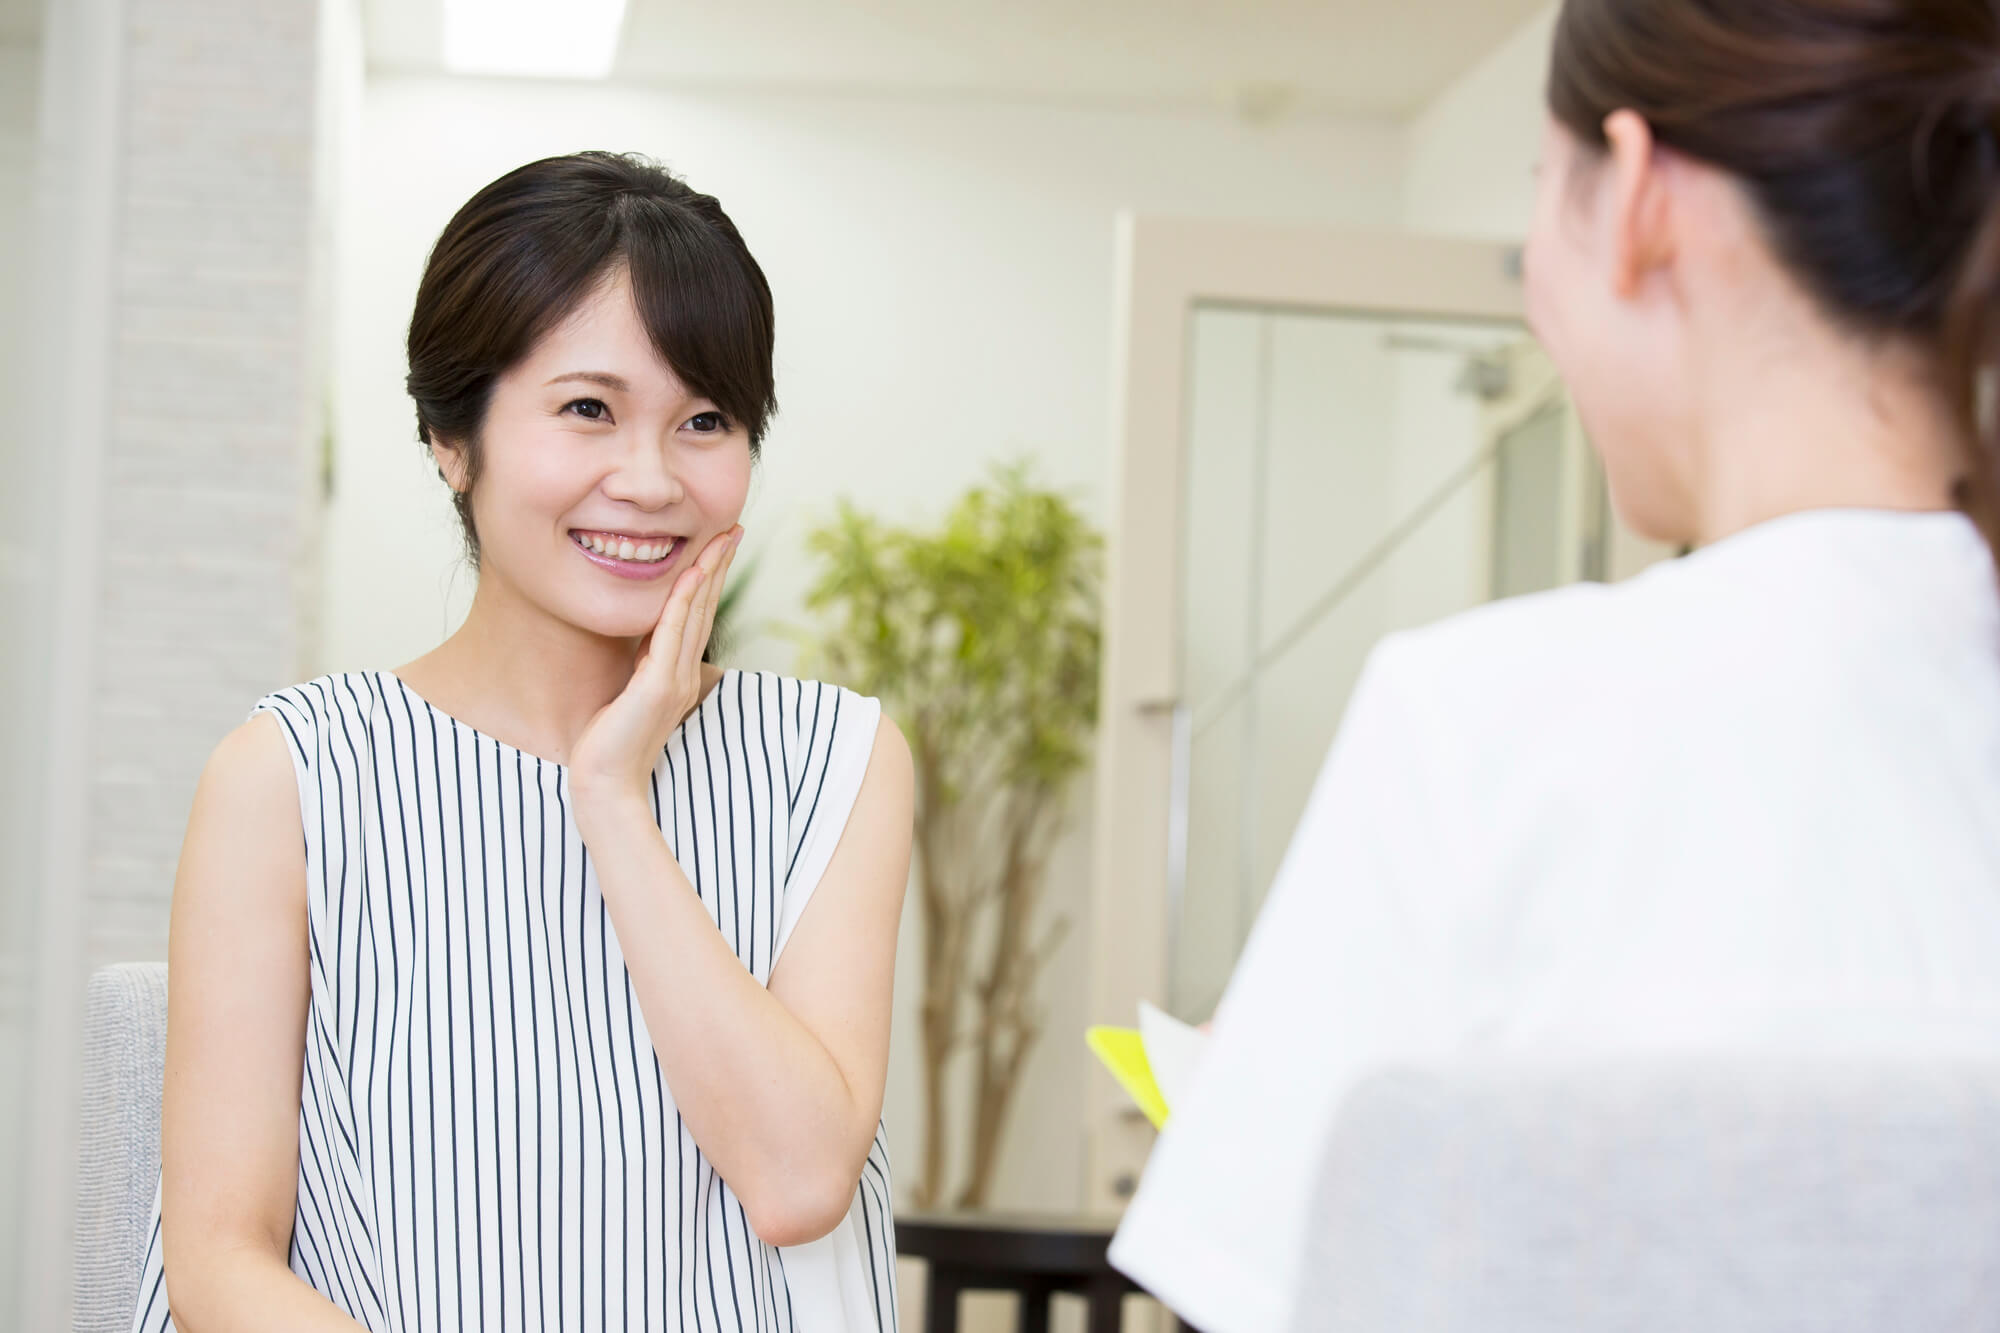 女性カウンセラーと対面で相談をしている女性クライアント